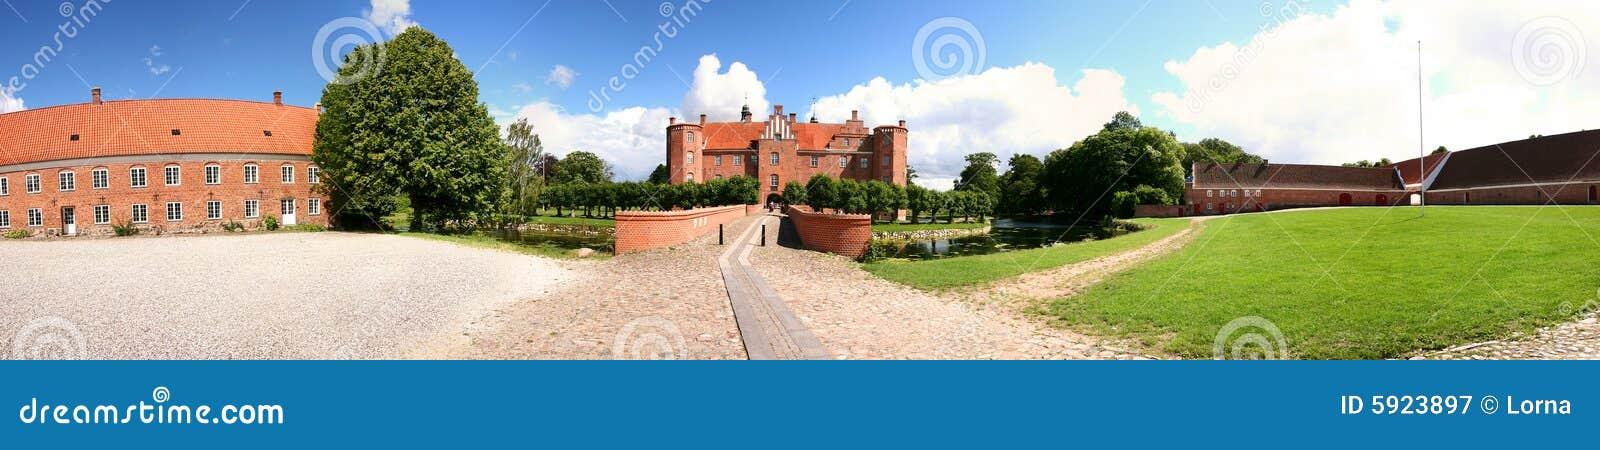 Gammel Estrup castle rige danskere